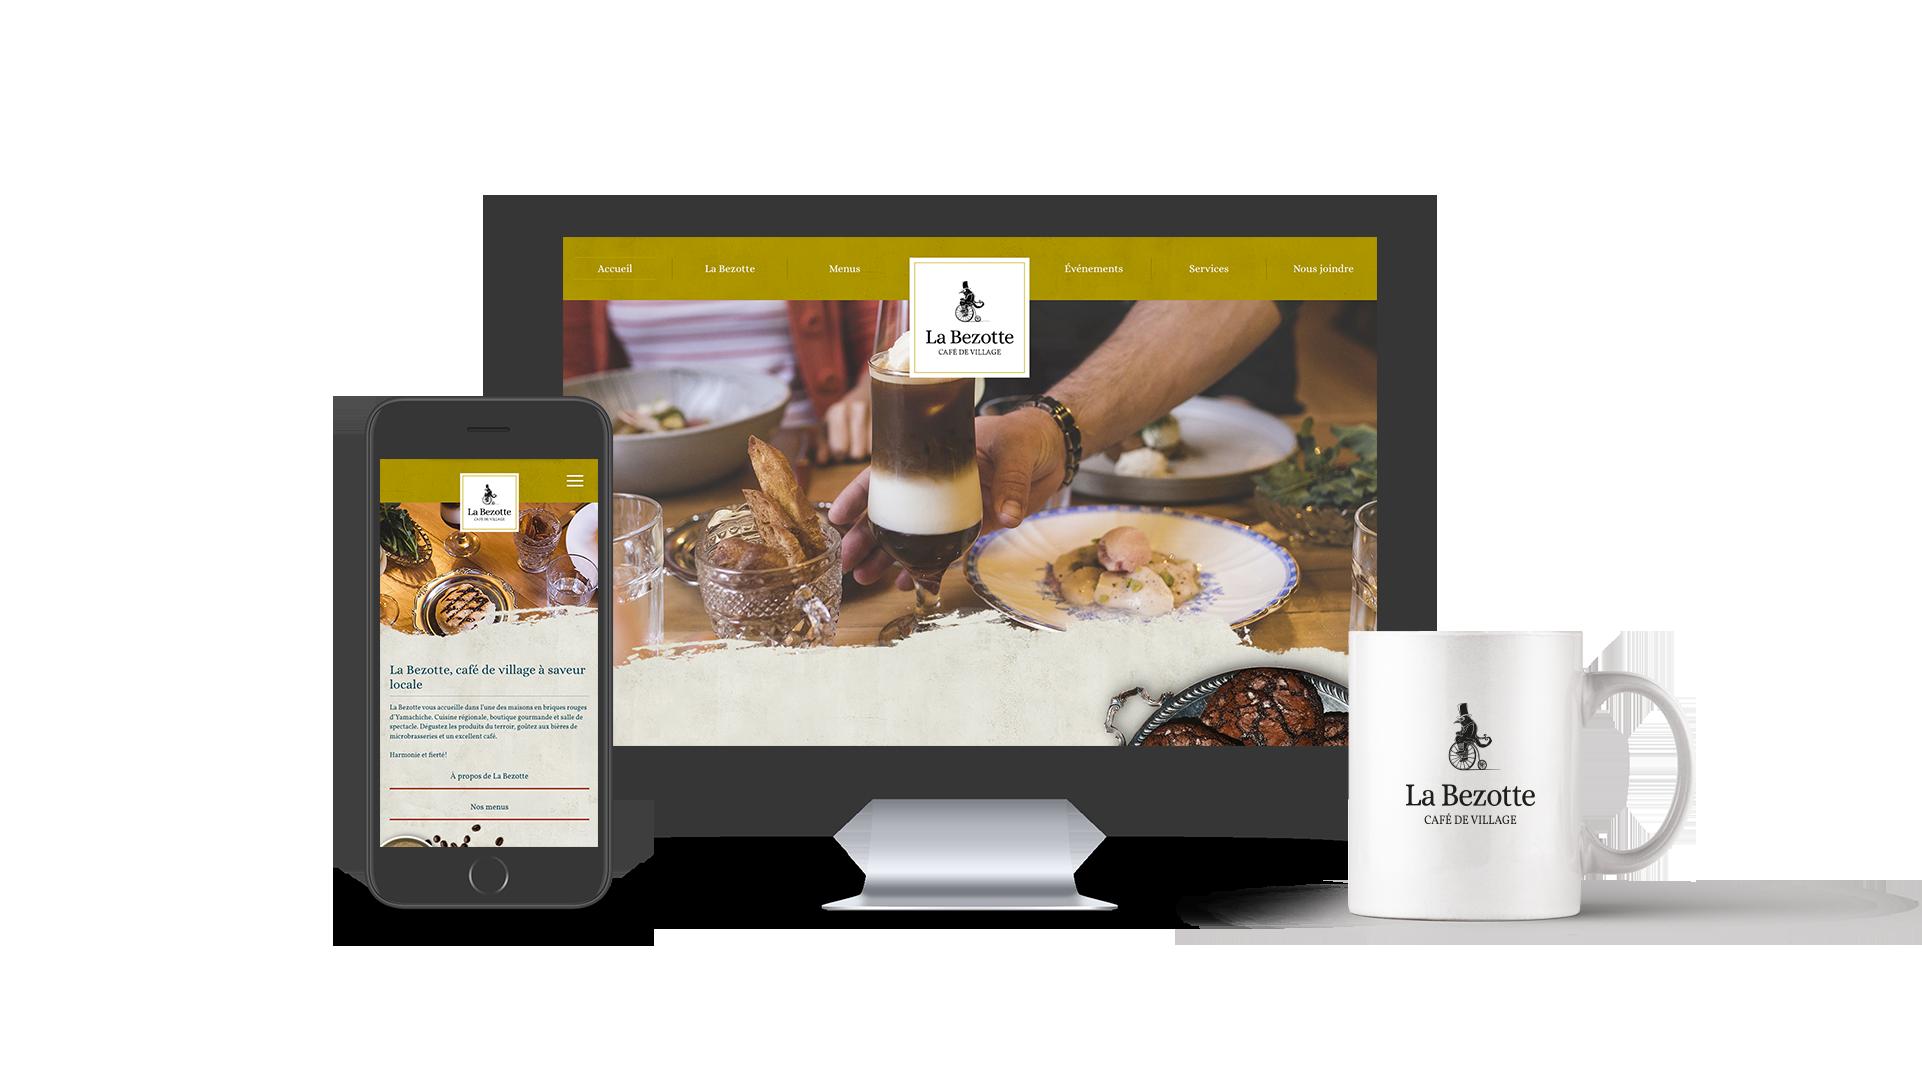 Site Web de la Bezotte